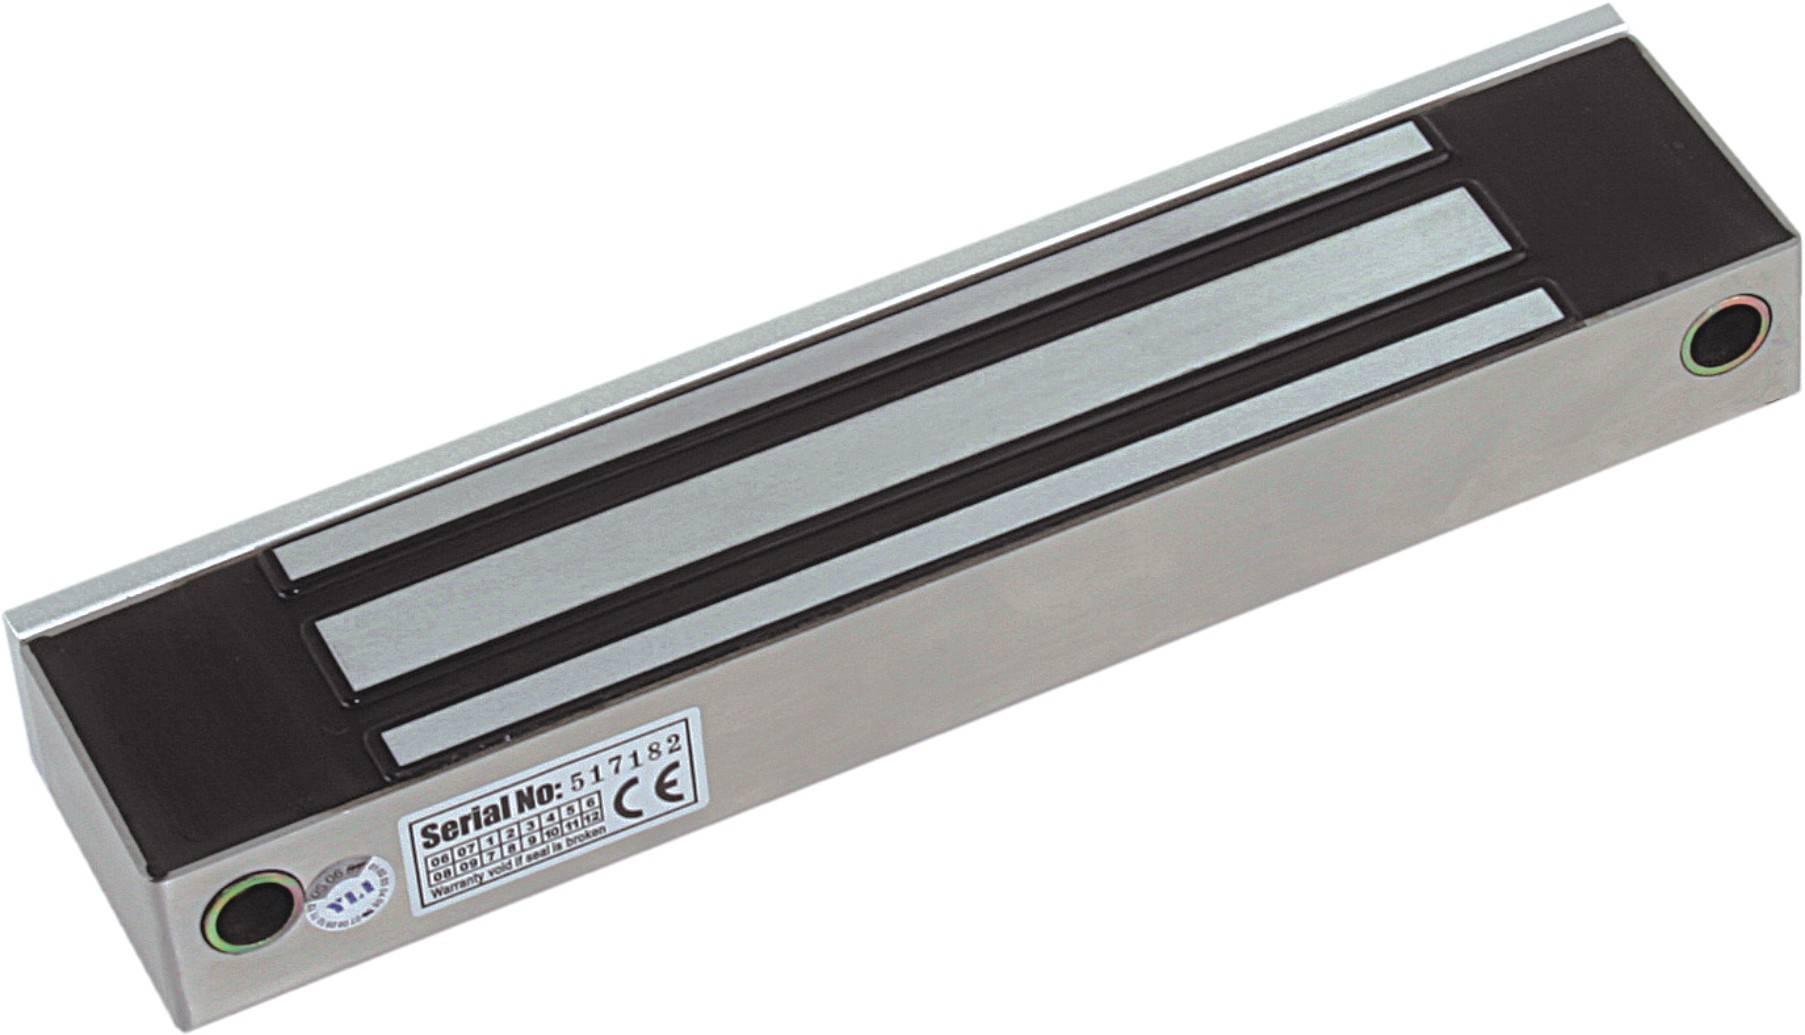 Single Door Magnetic Lock W/Waterproof (800Lbs) of access contro